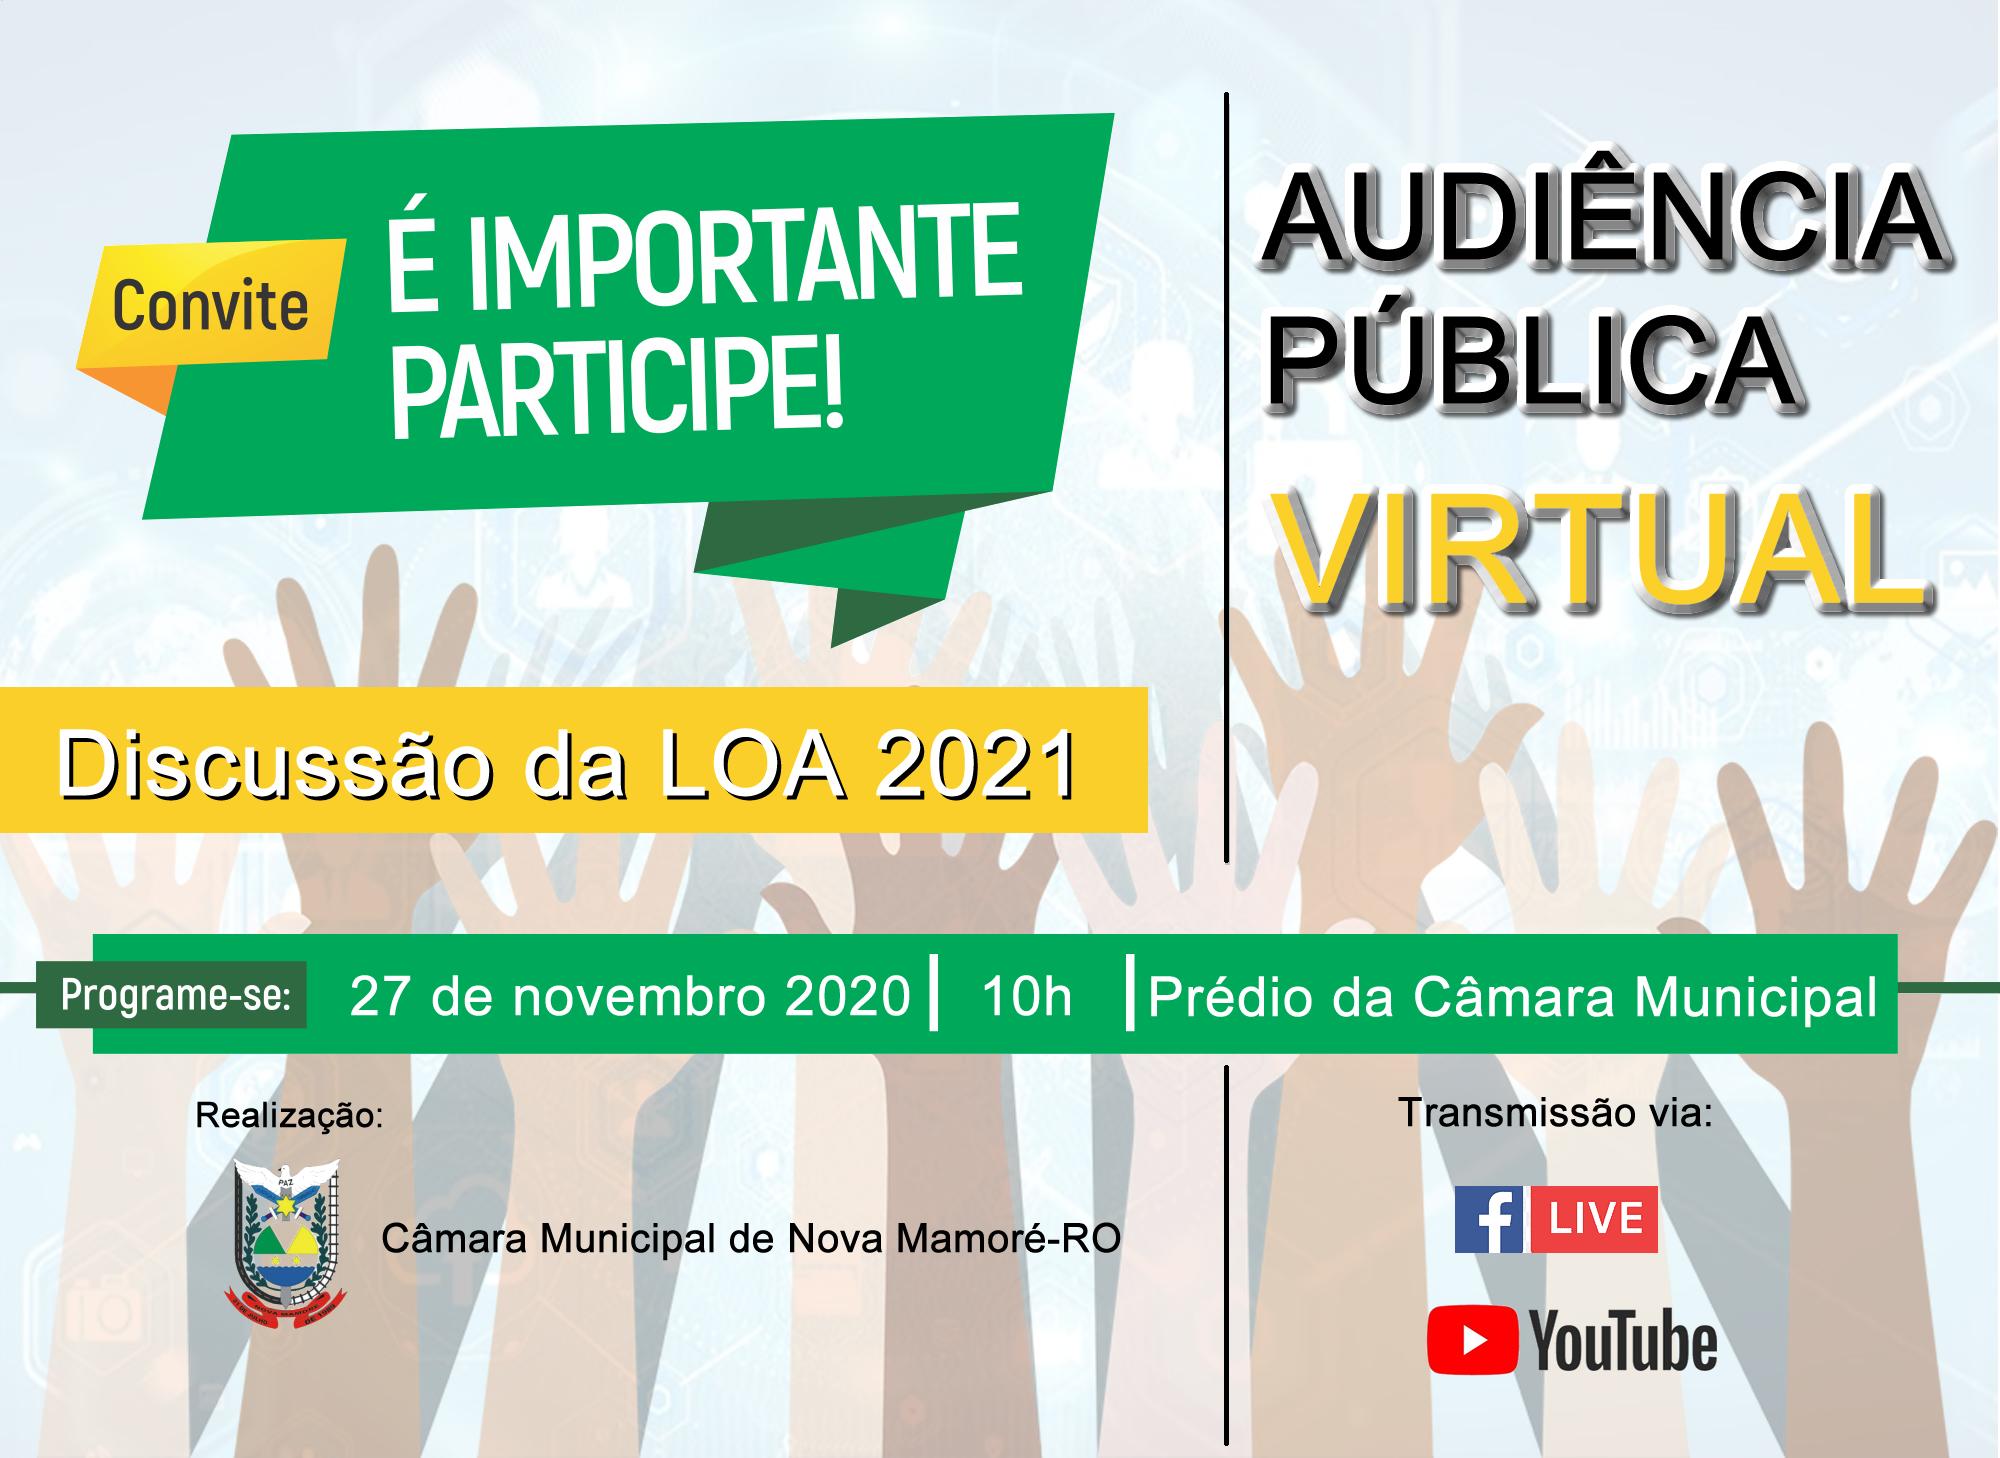 CONVITE DA AUDIÊNCIA PÚBLICA VIRTUAL PARA DISCUSSÃO DA LOA 2021